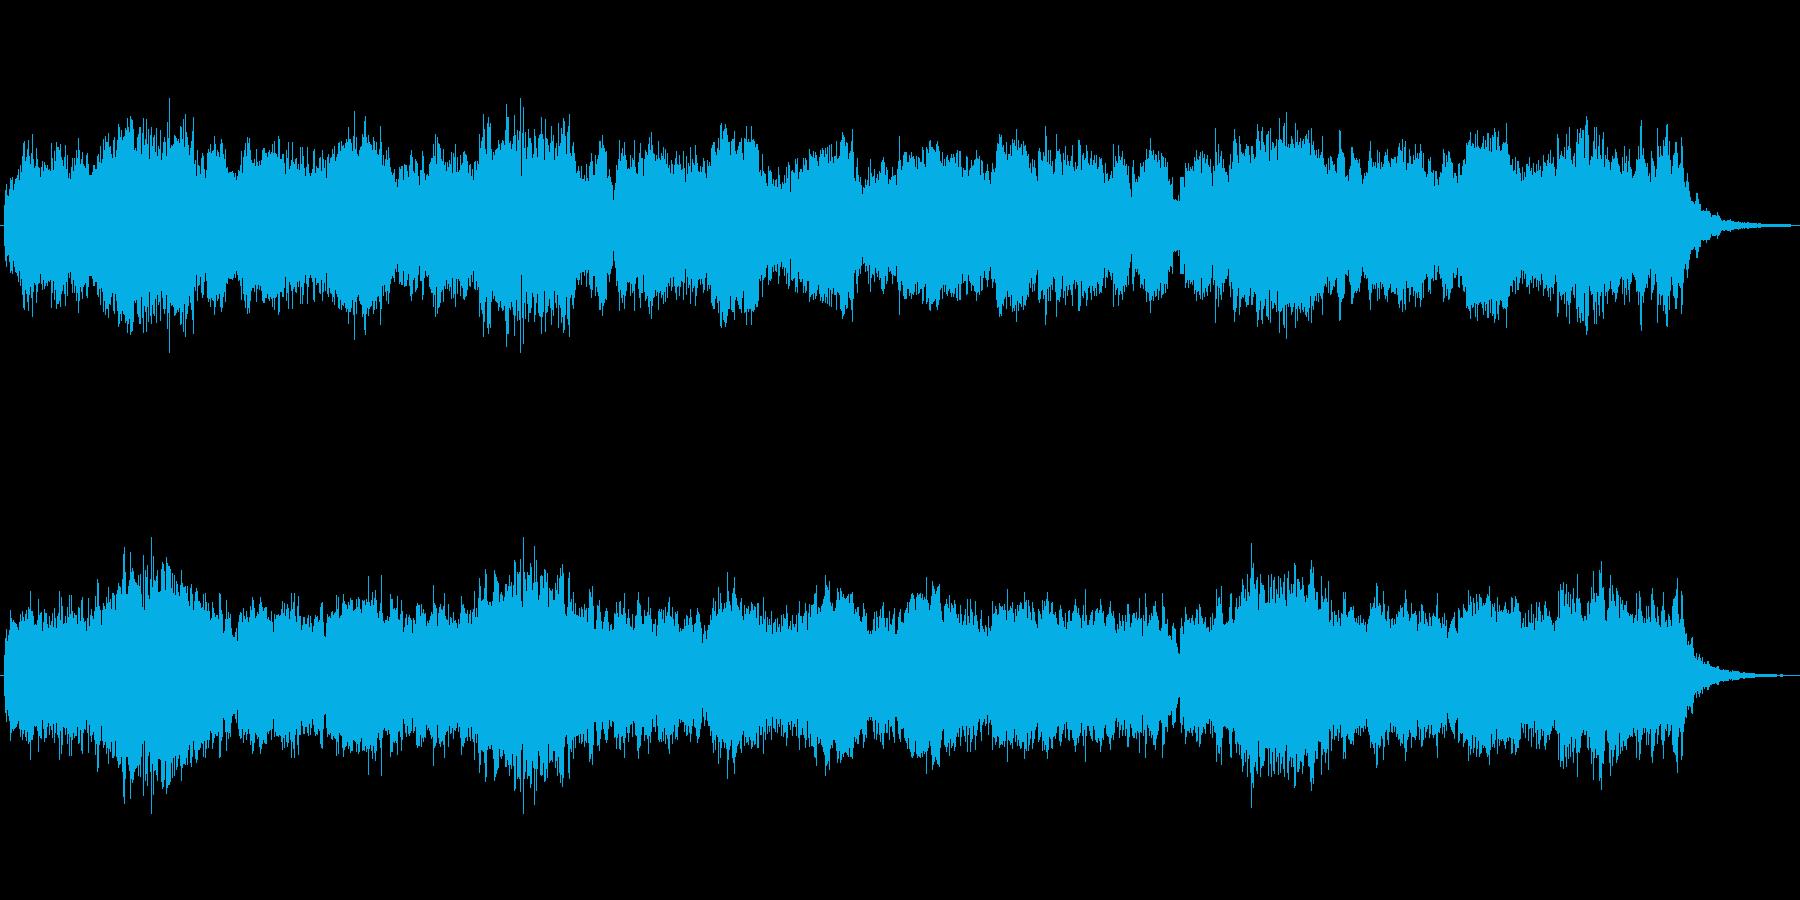 シンセによる明るいファンタジーの世界2の再生済みの波形